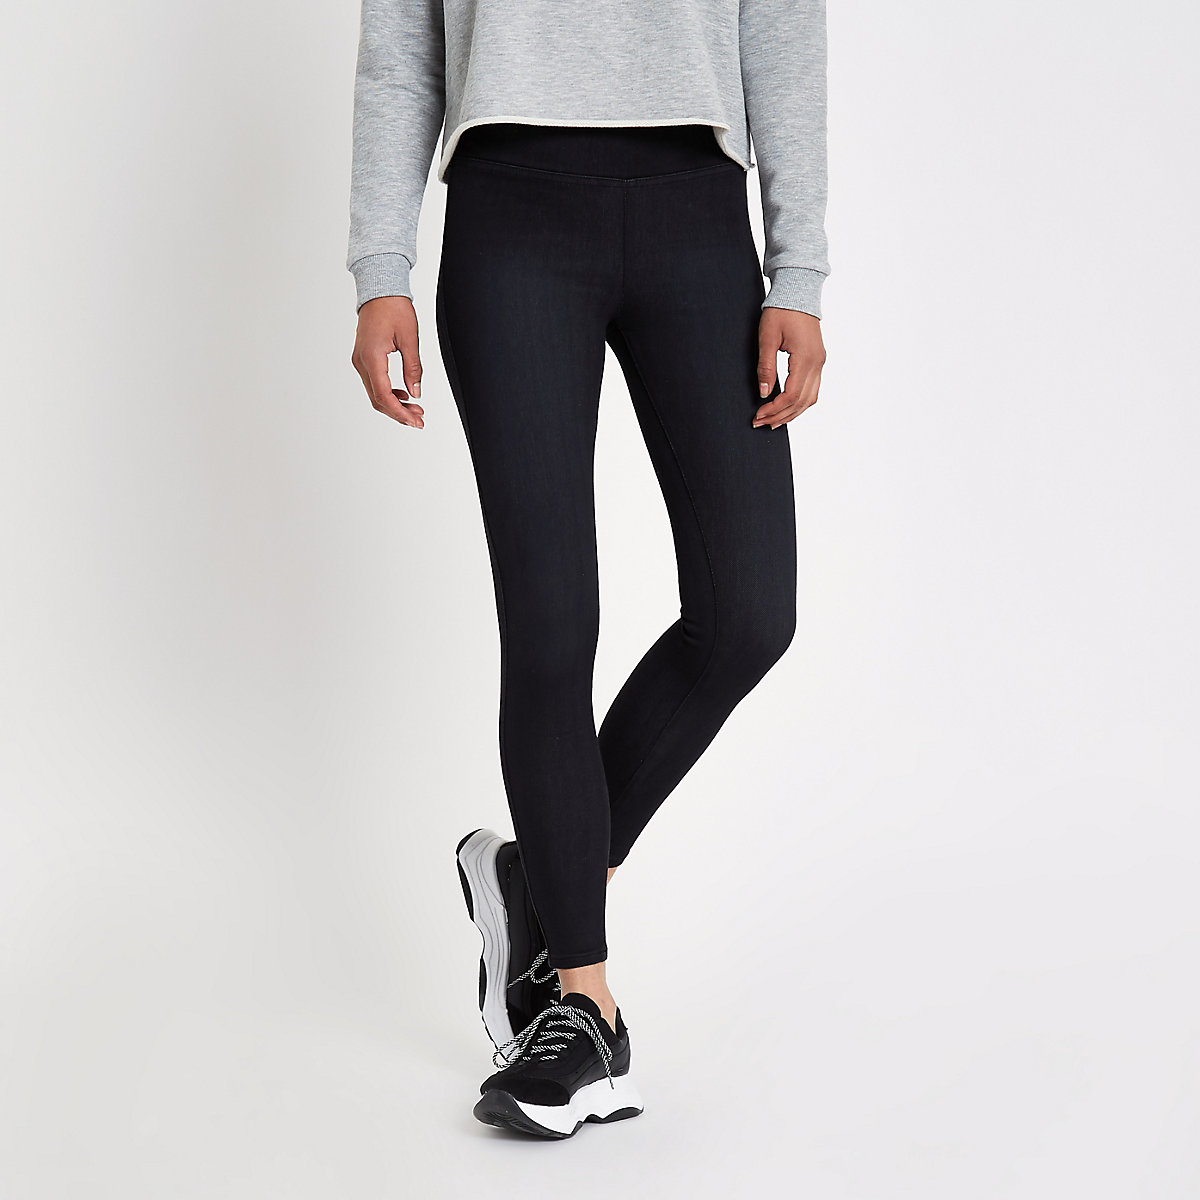 Schwarze Leggings mit hohem Bund